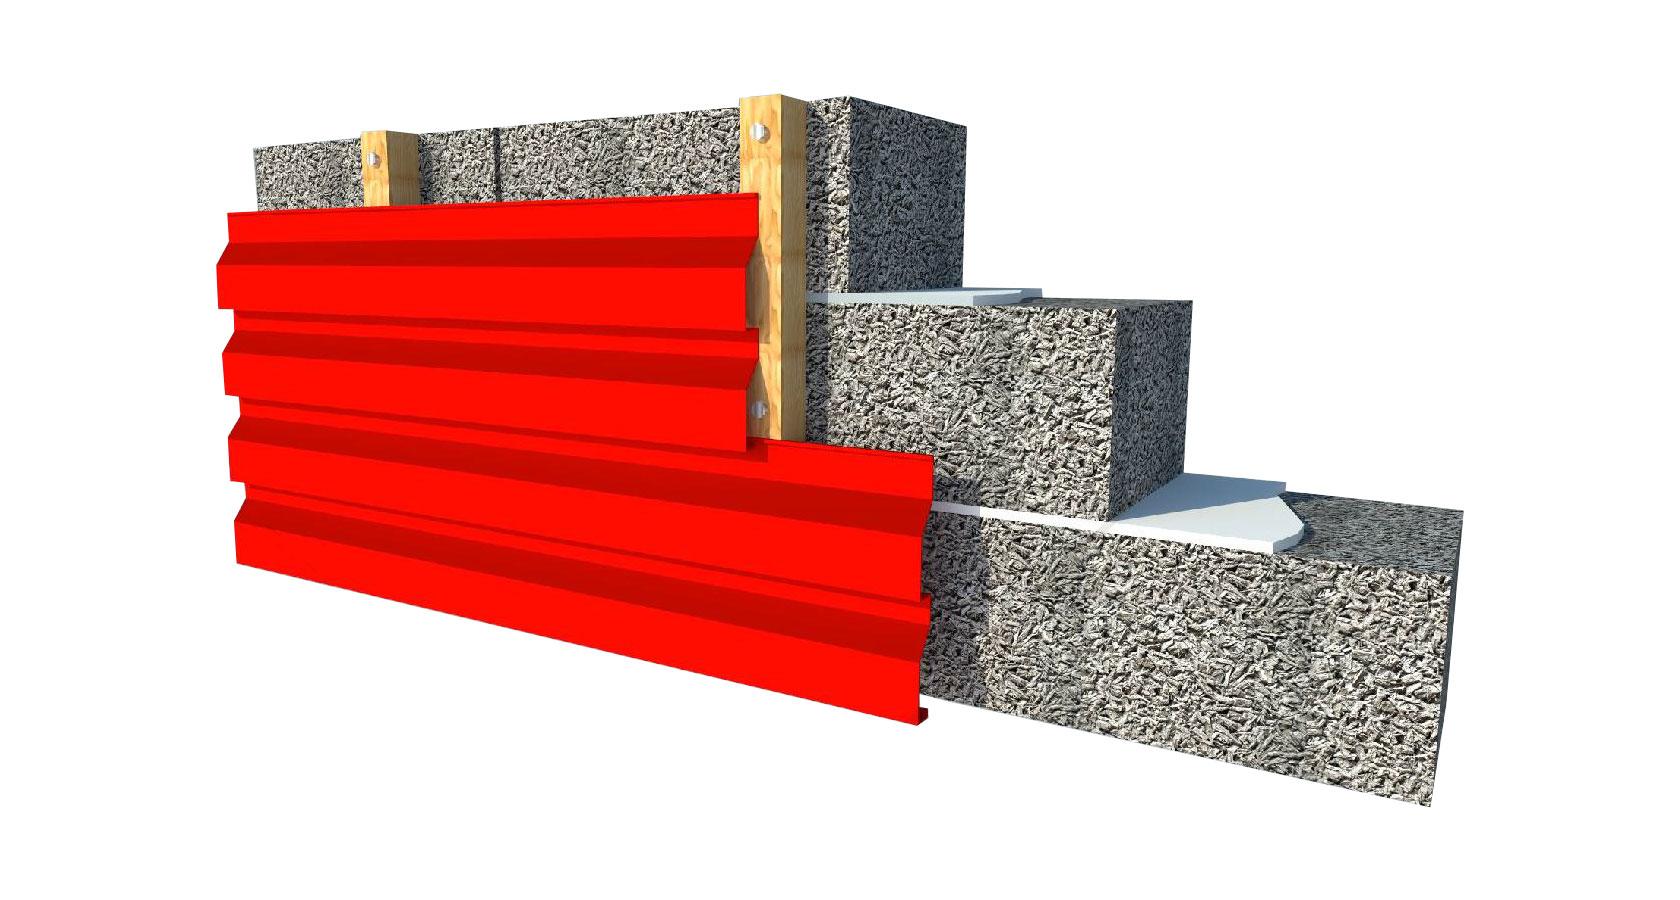 Панели из арболита для строительства дома - плюсы и минусы